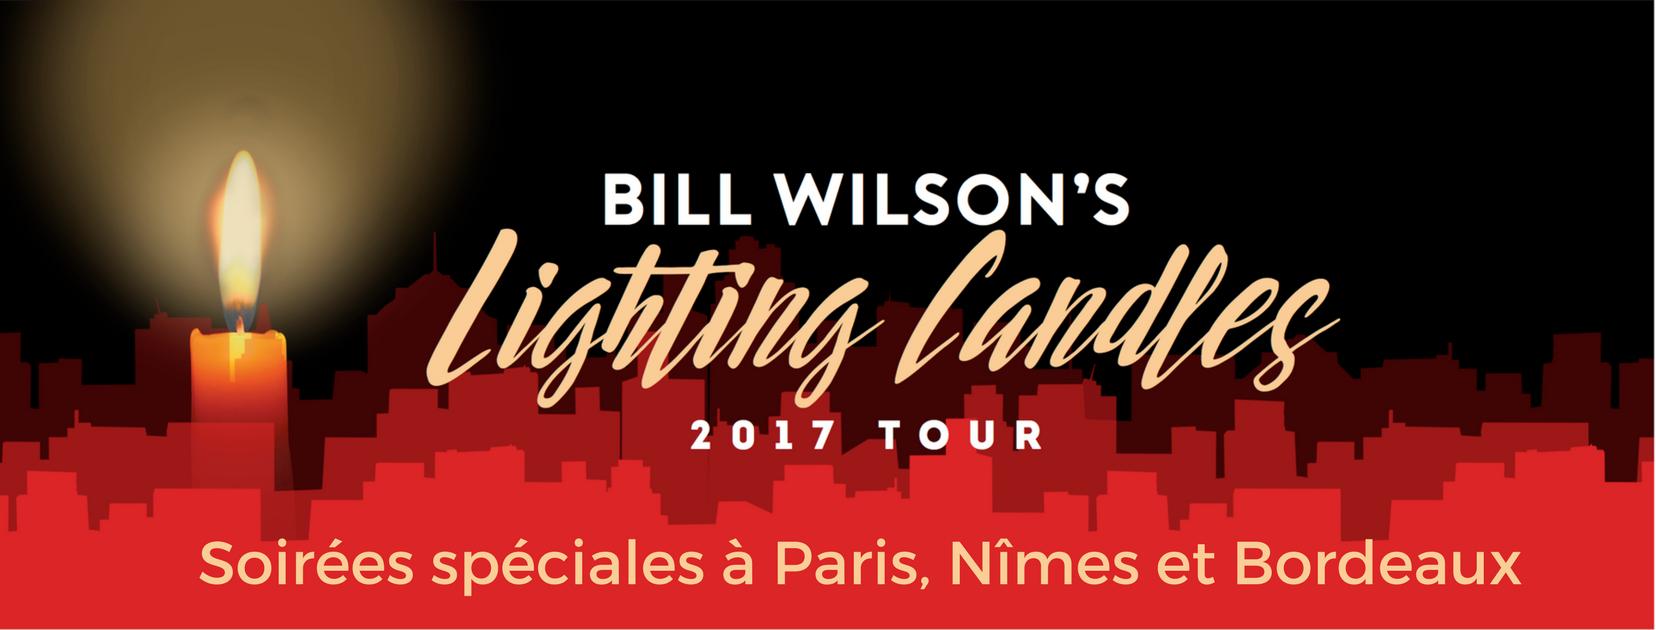 Bill Wilson tournée France 2017